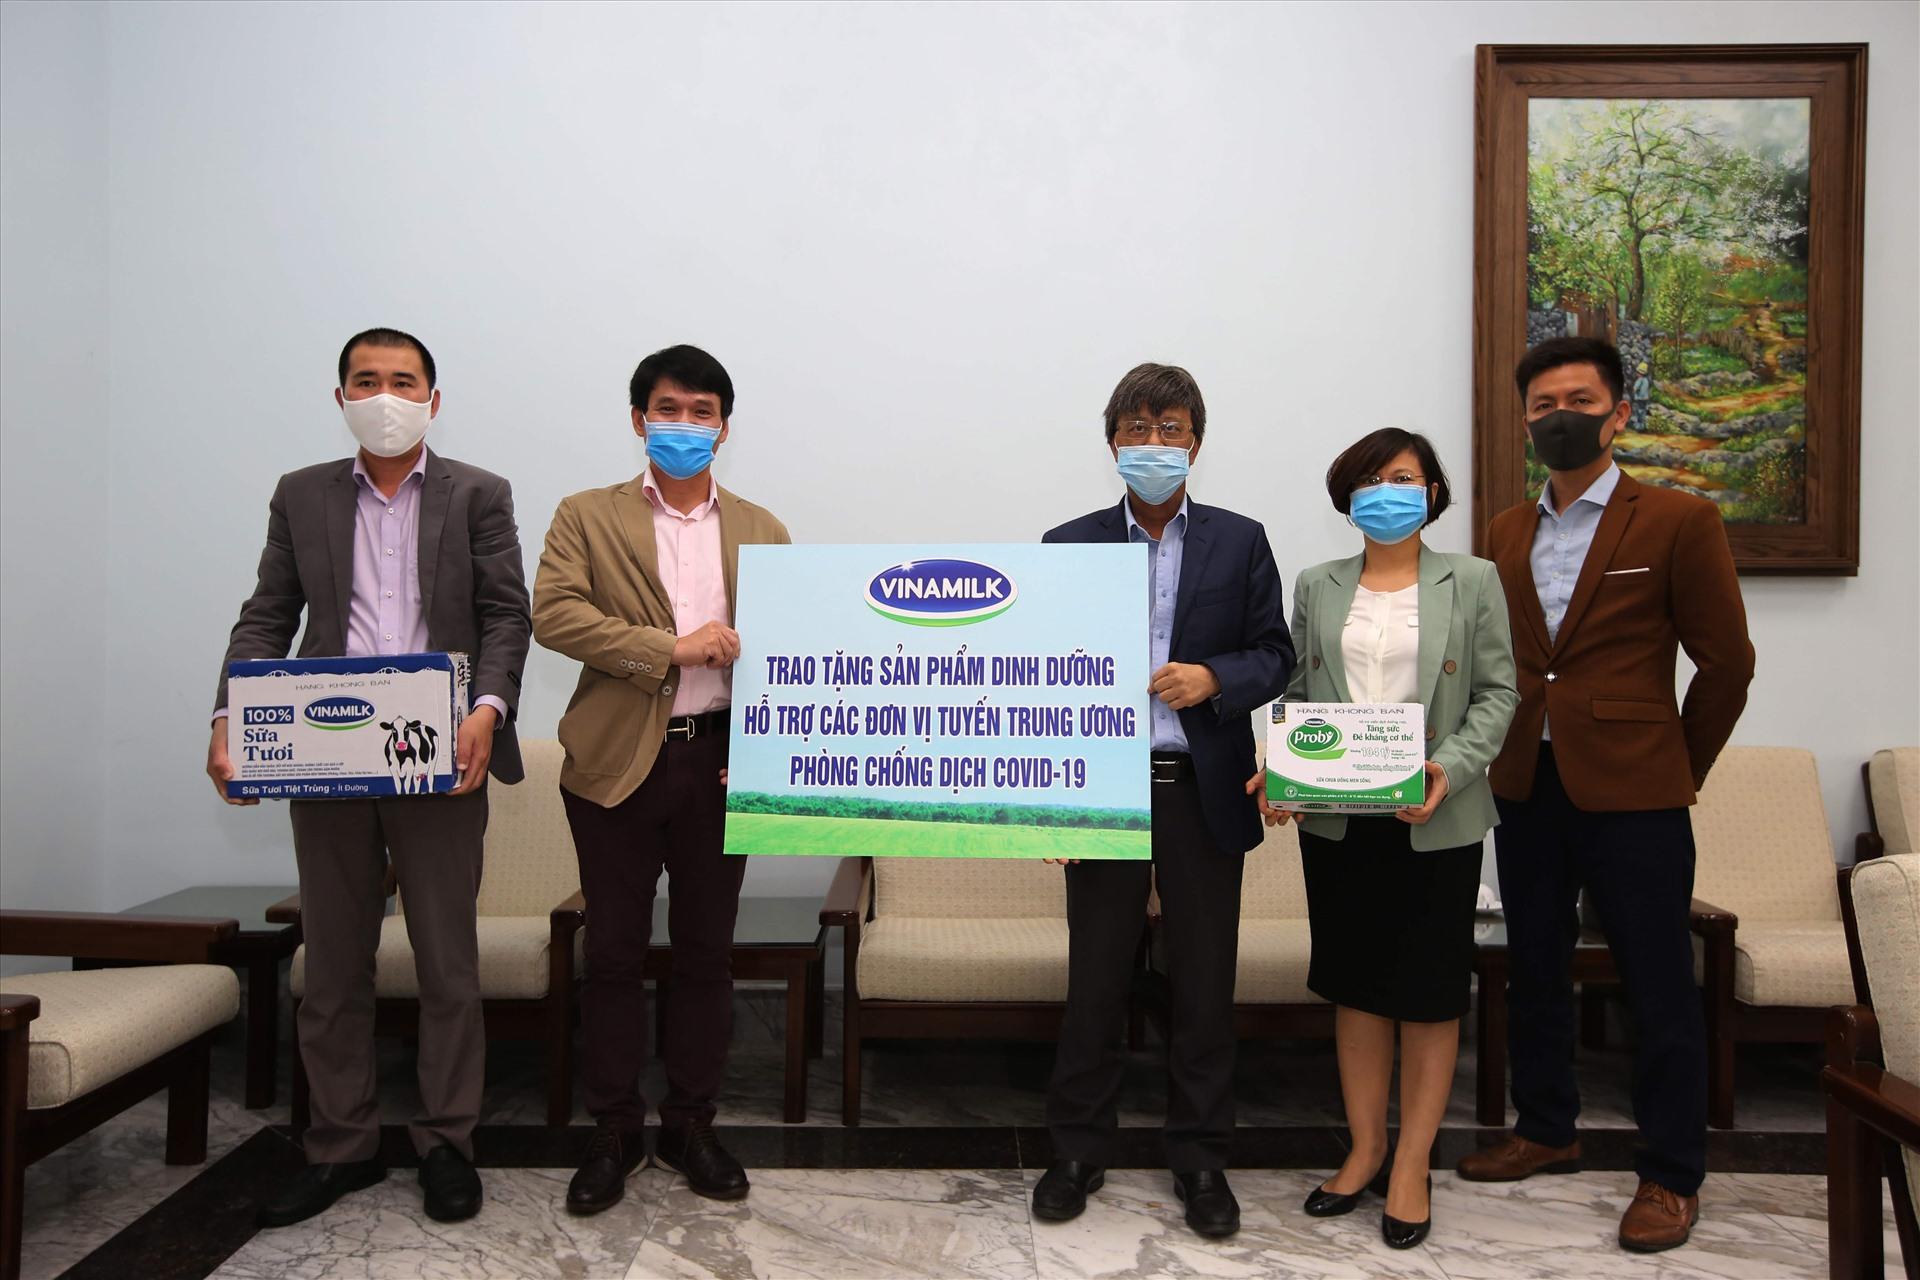 GS.TS Đặng Đức Anh - Viện trưởng Viện Vệ sinh dịch tễ Trung ương (bên phải) đại diện nhận tài trợ từ ông Phạm Tuyên – Giám đốc Kinh doanh Nội địa Vinamilk (bên trái).